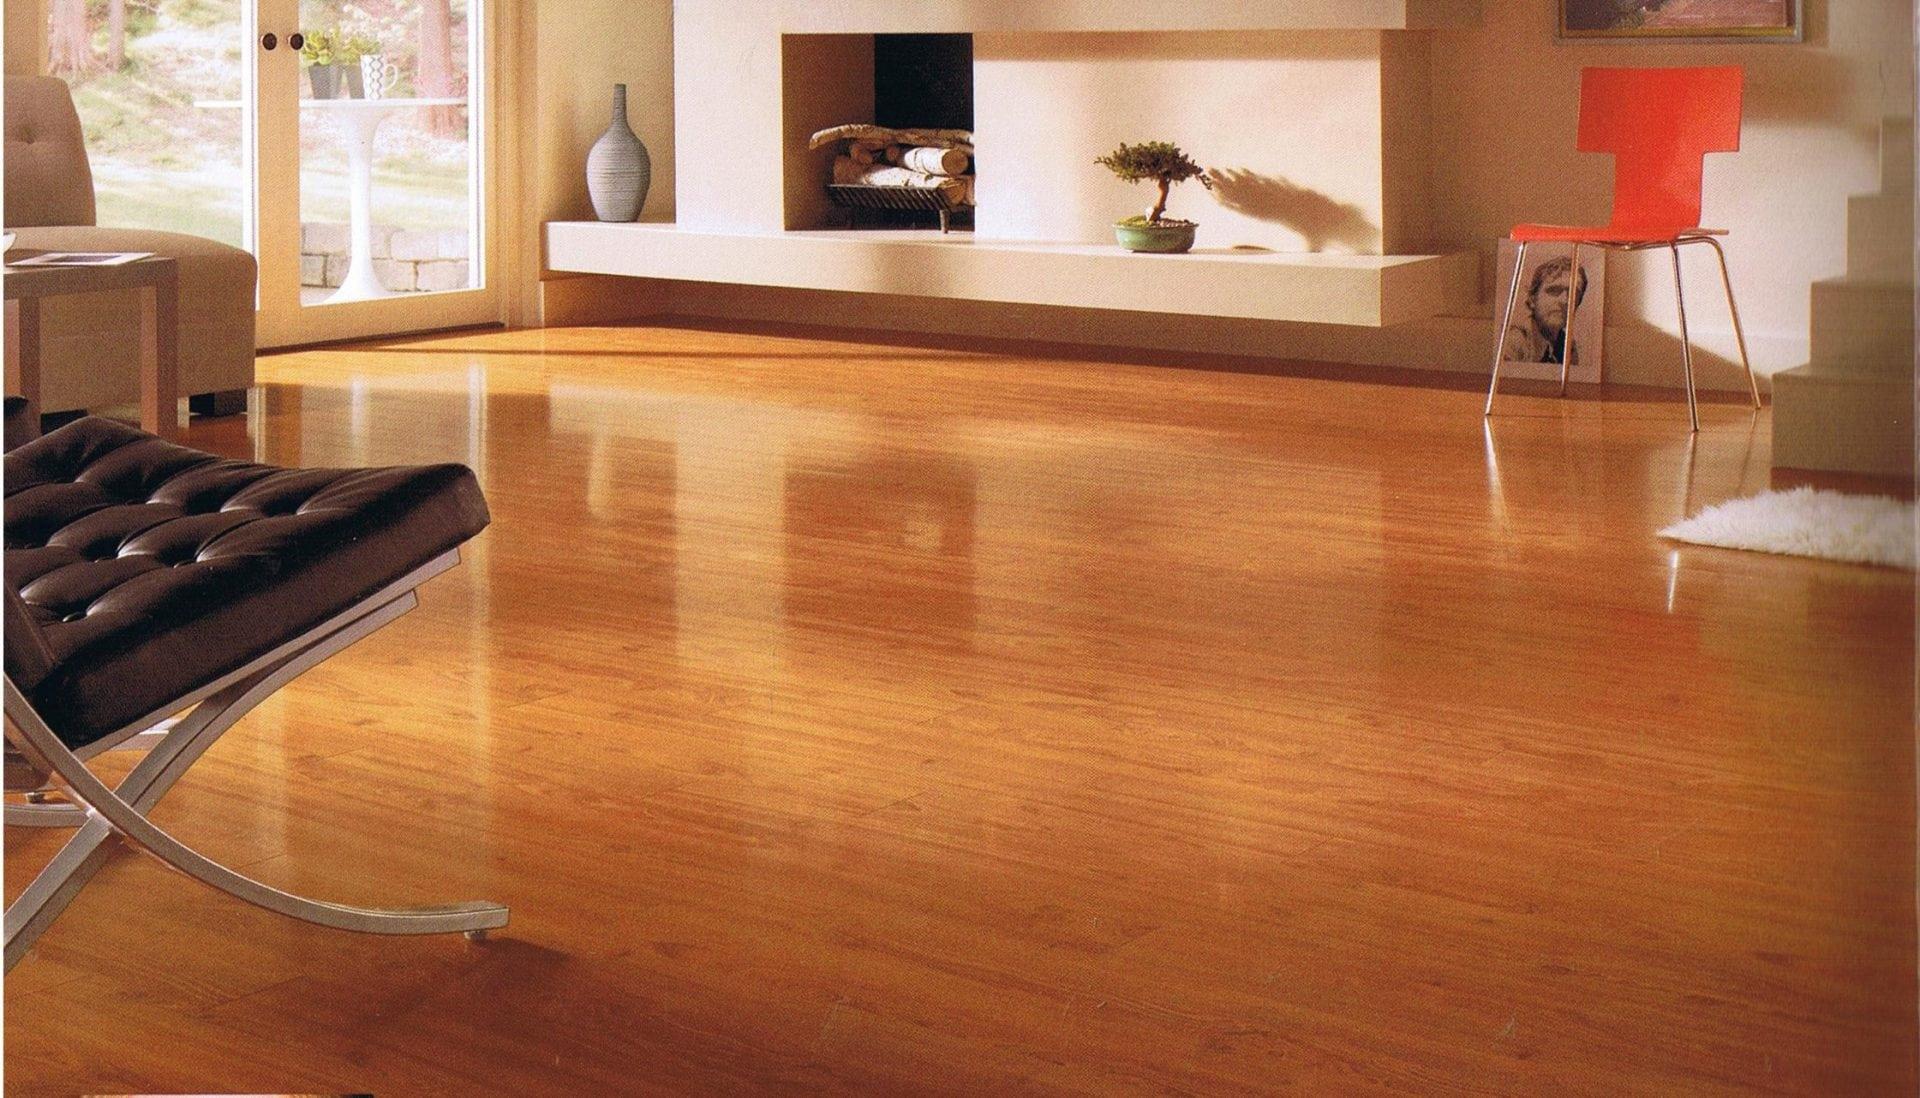 room with shining hardwood floor